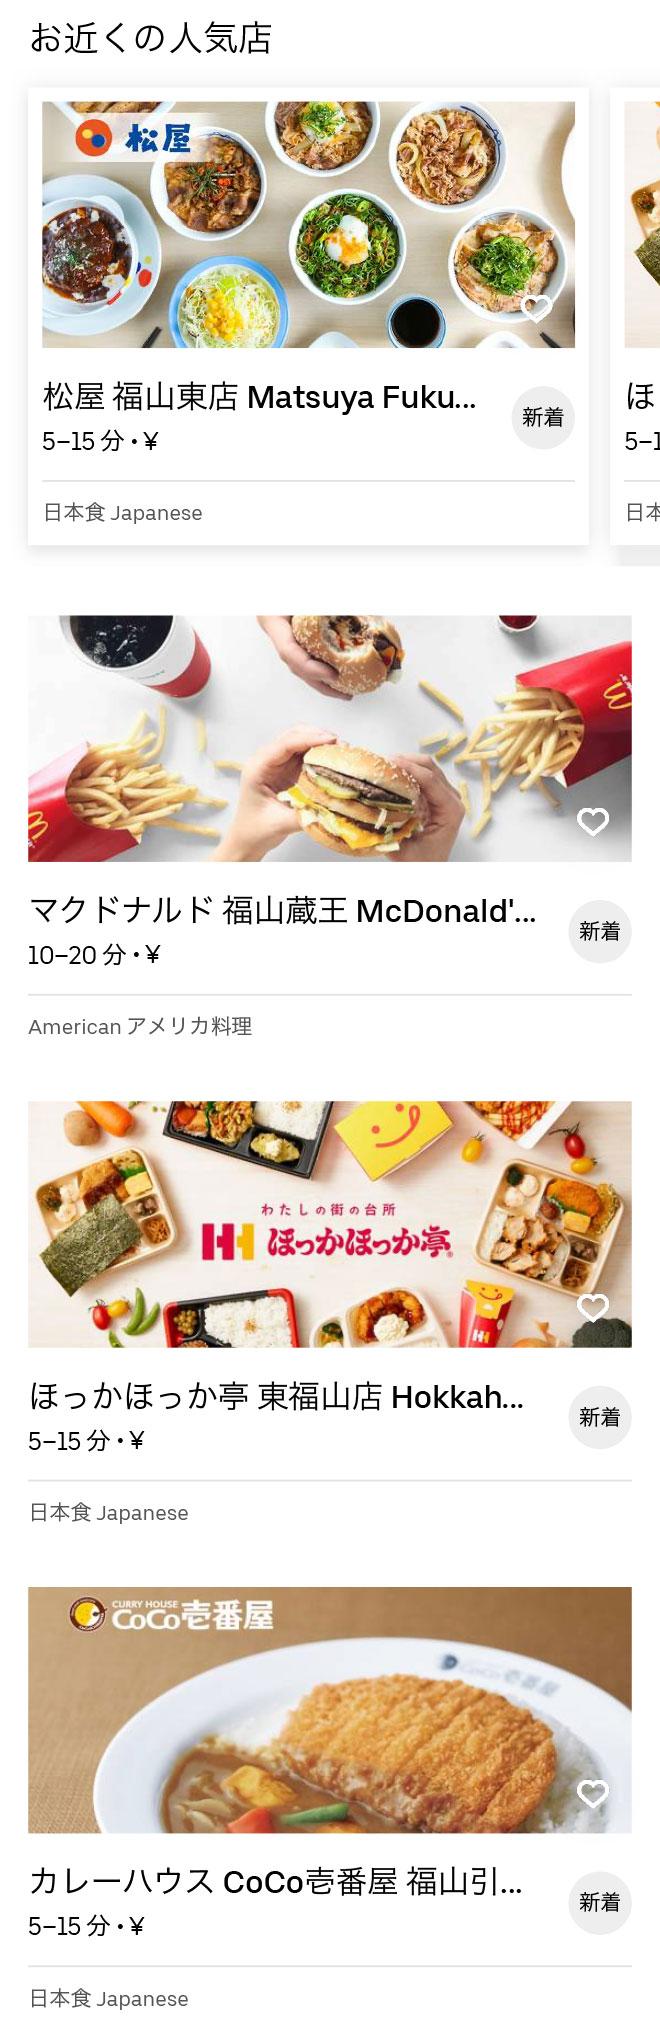 Uber fukuyama higashi menu 01